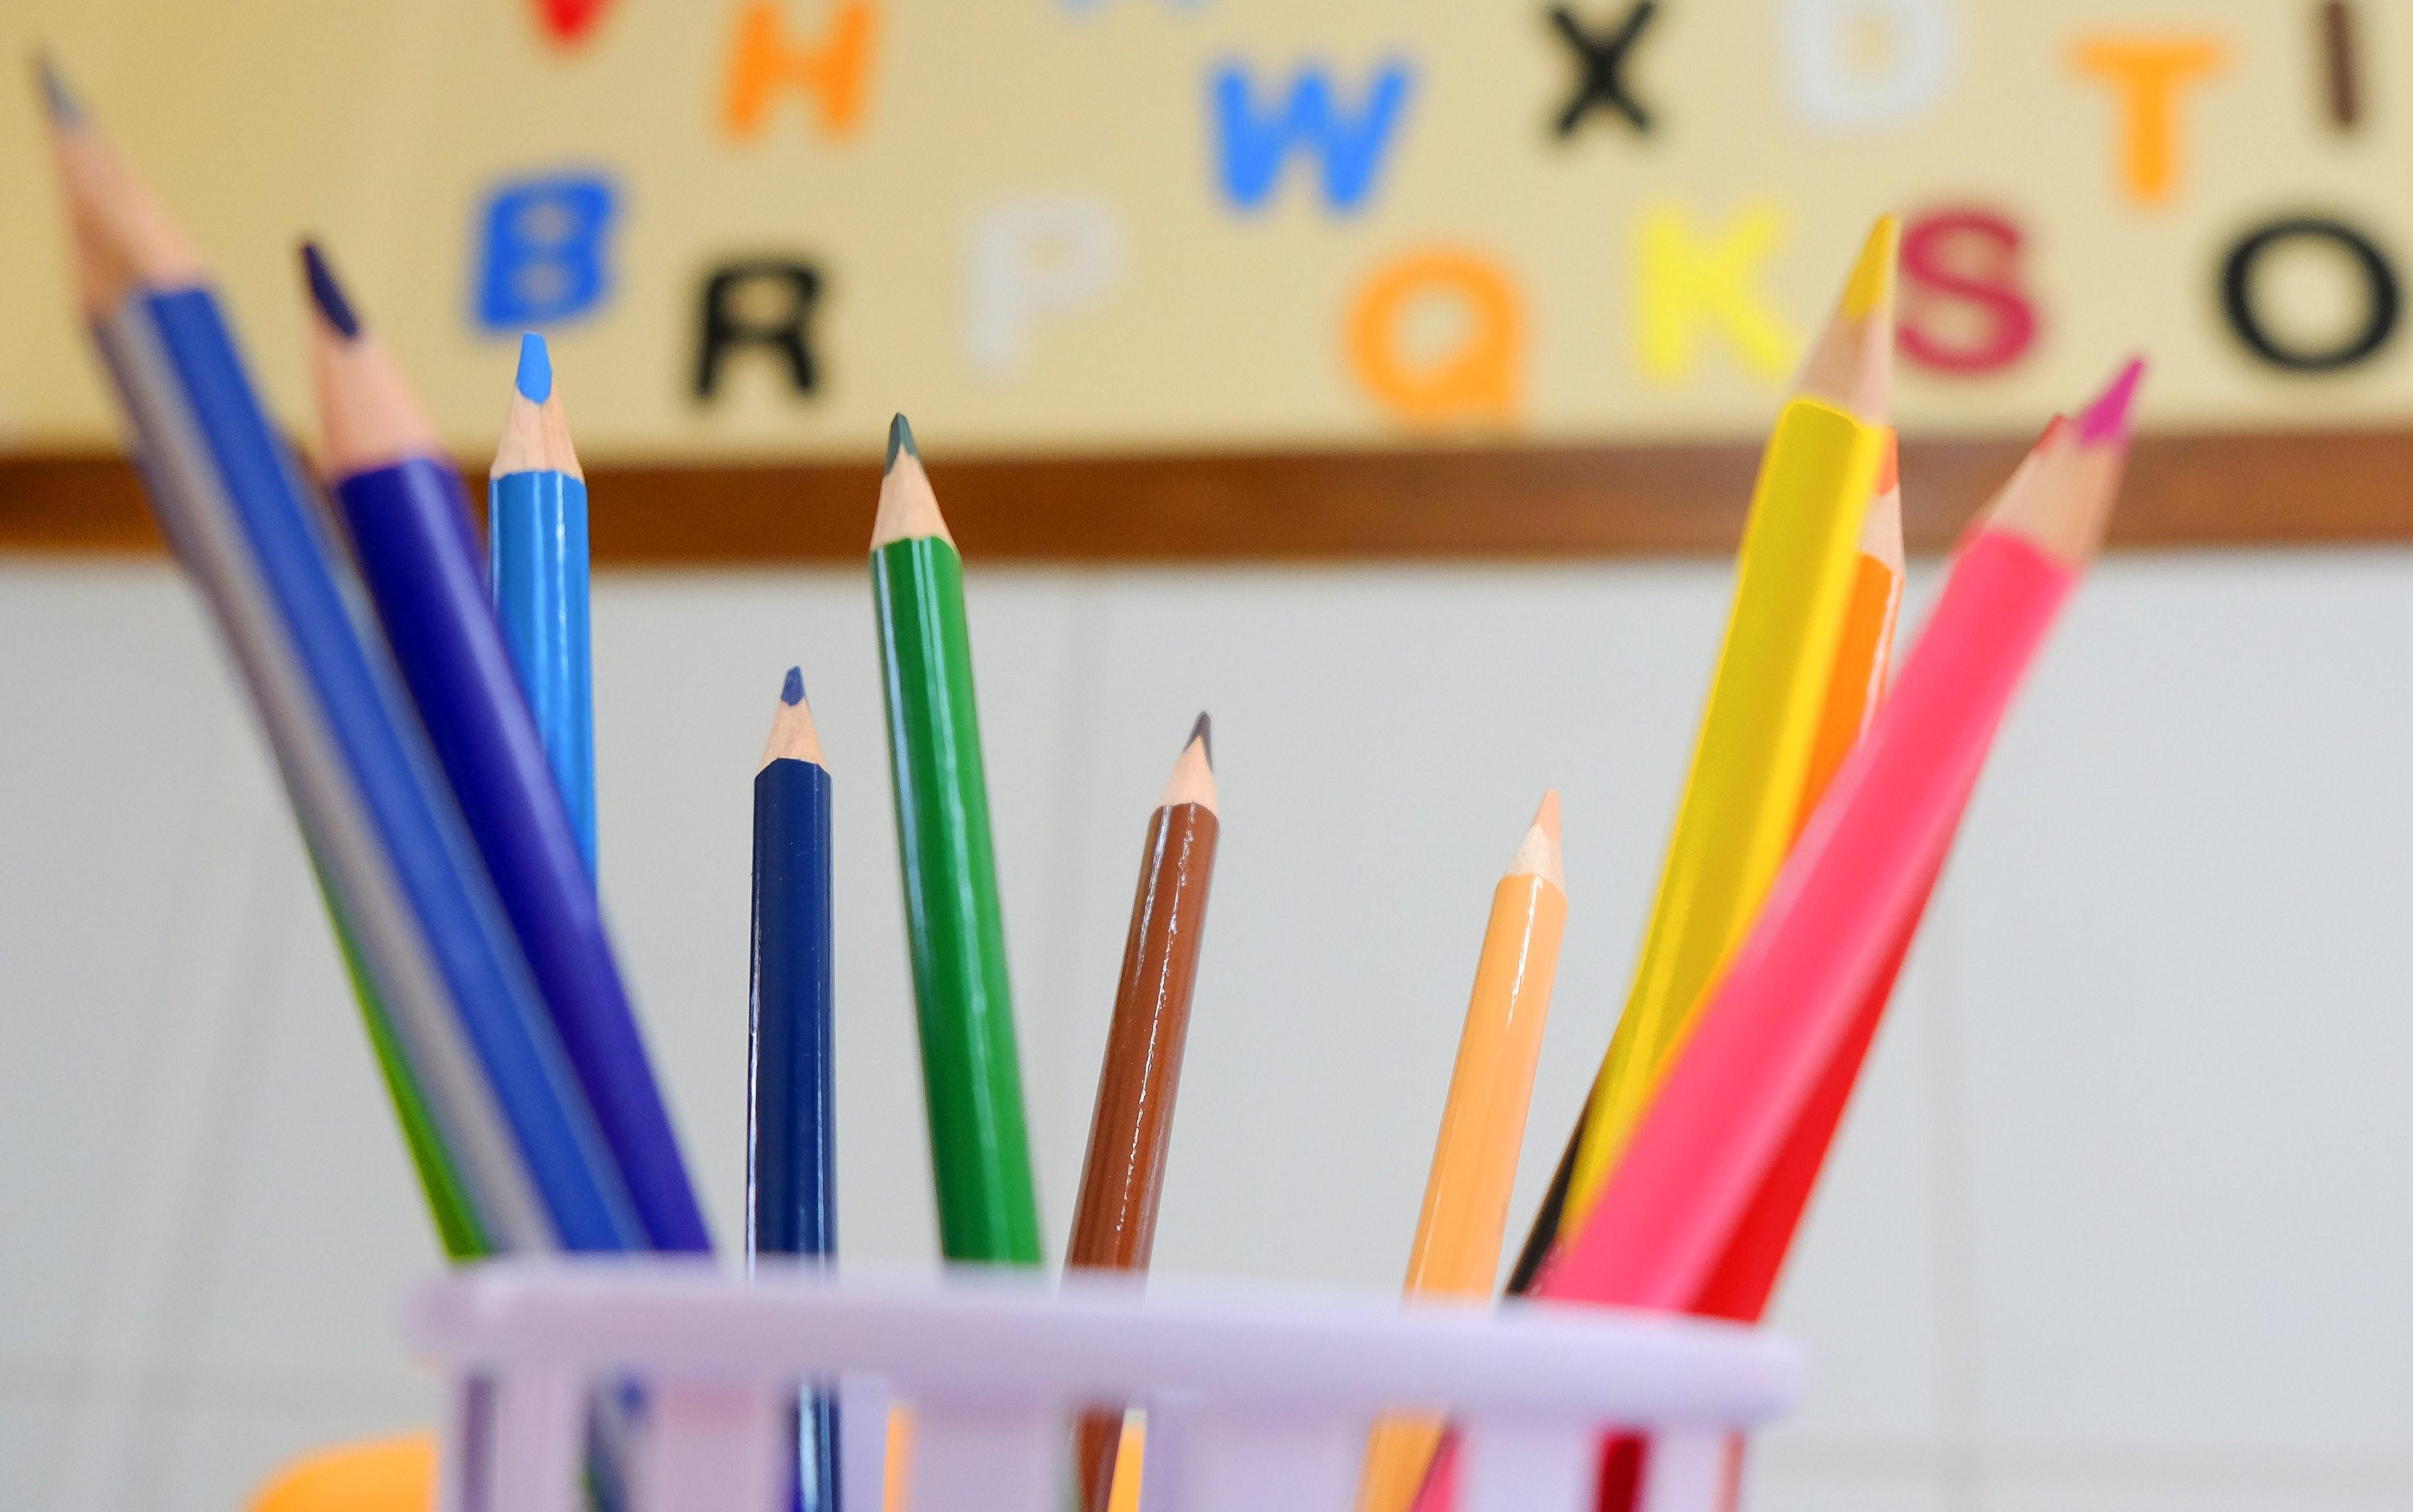 Prefeitura de Mossoró abre processo seletivo com 279 vagas para professores e supervisor pedagógico